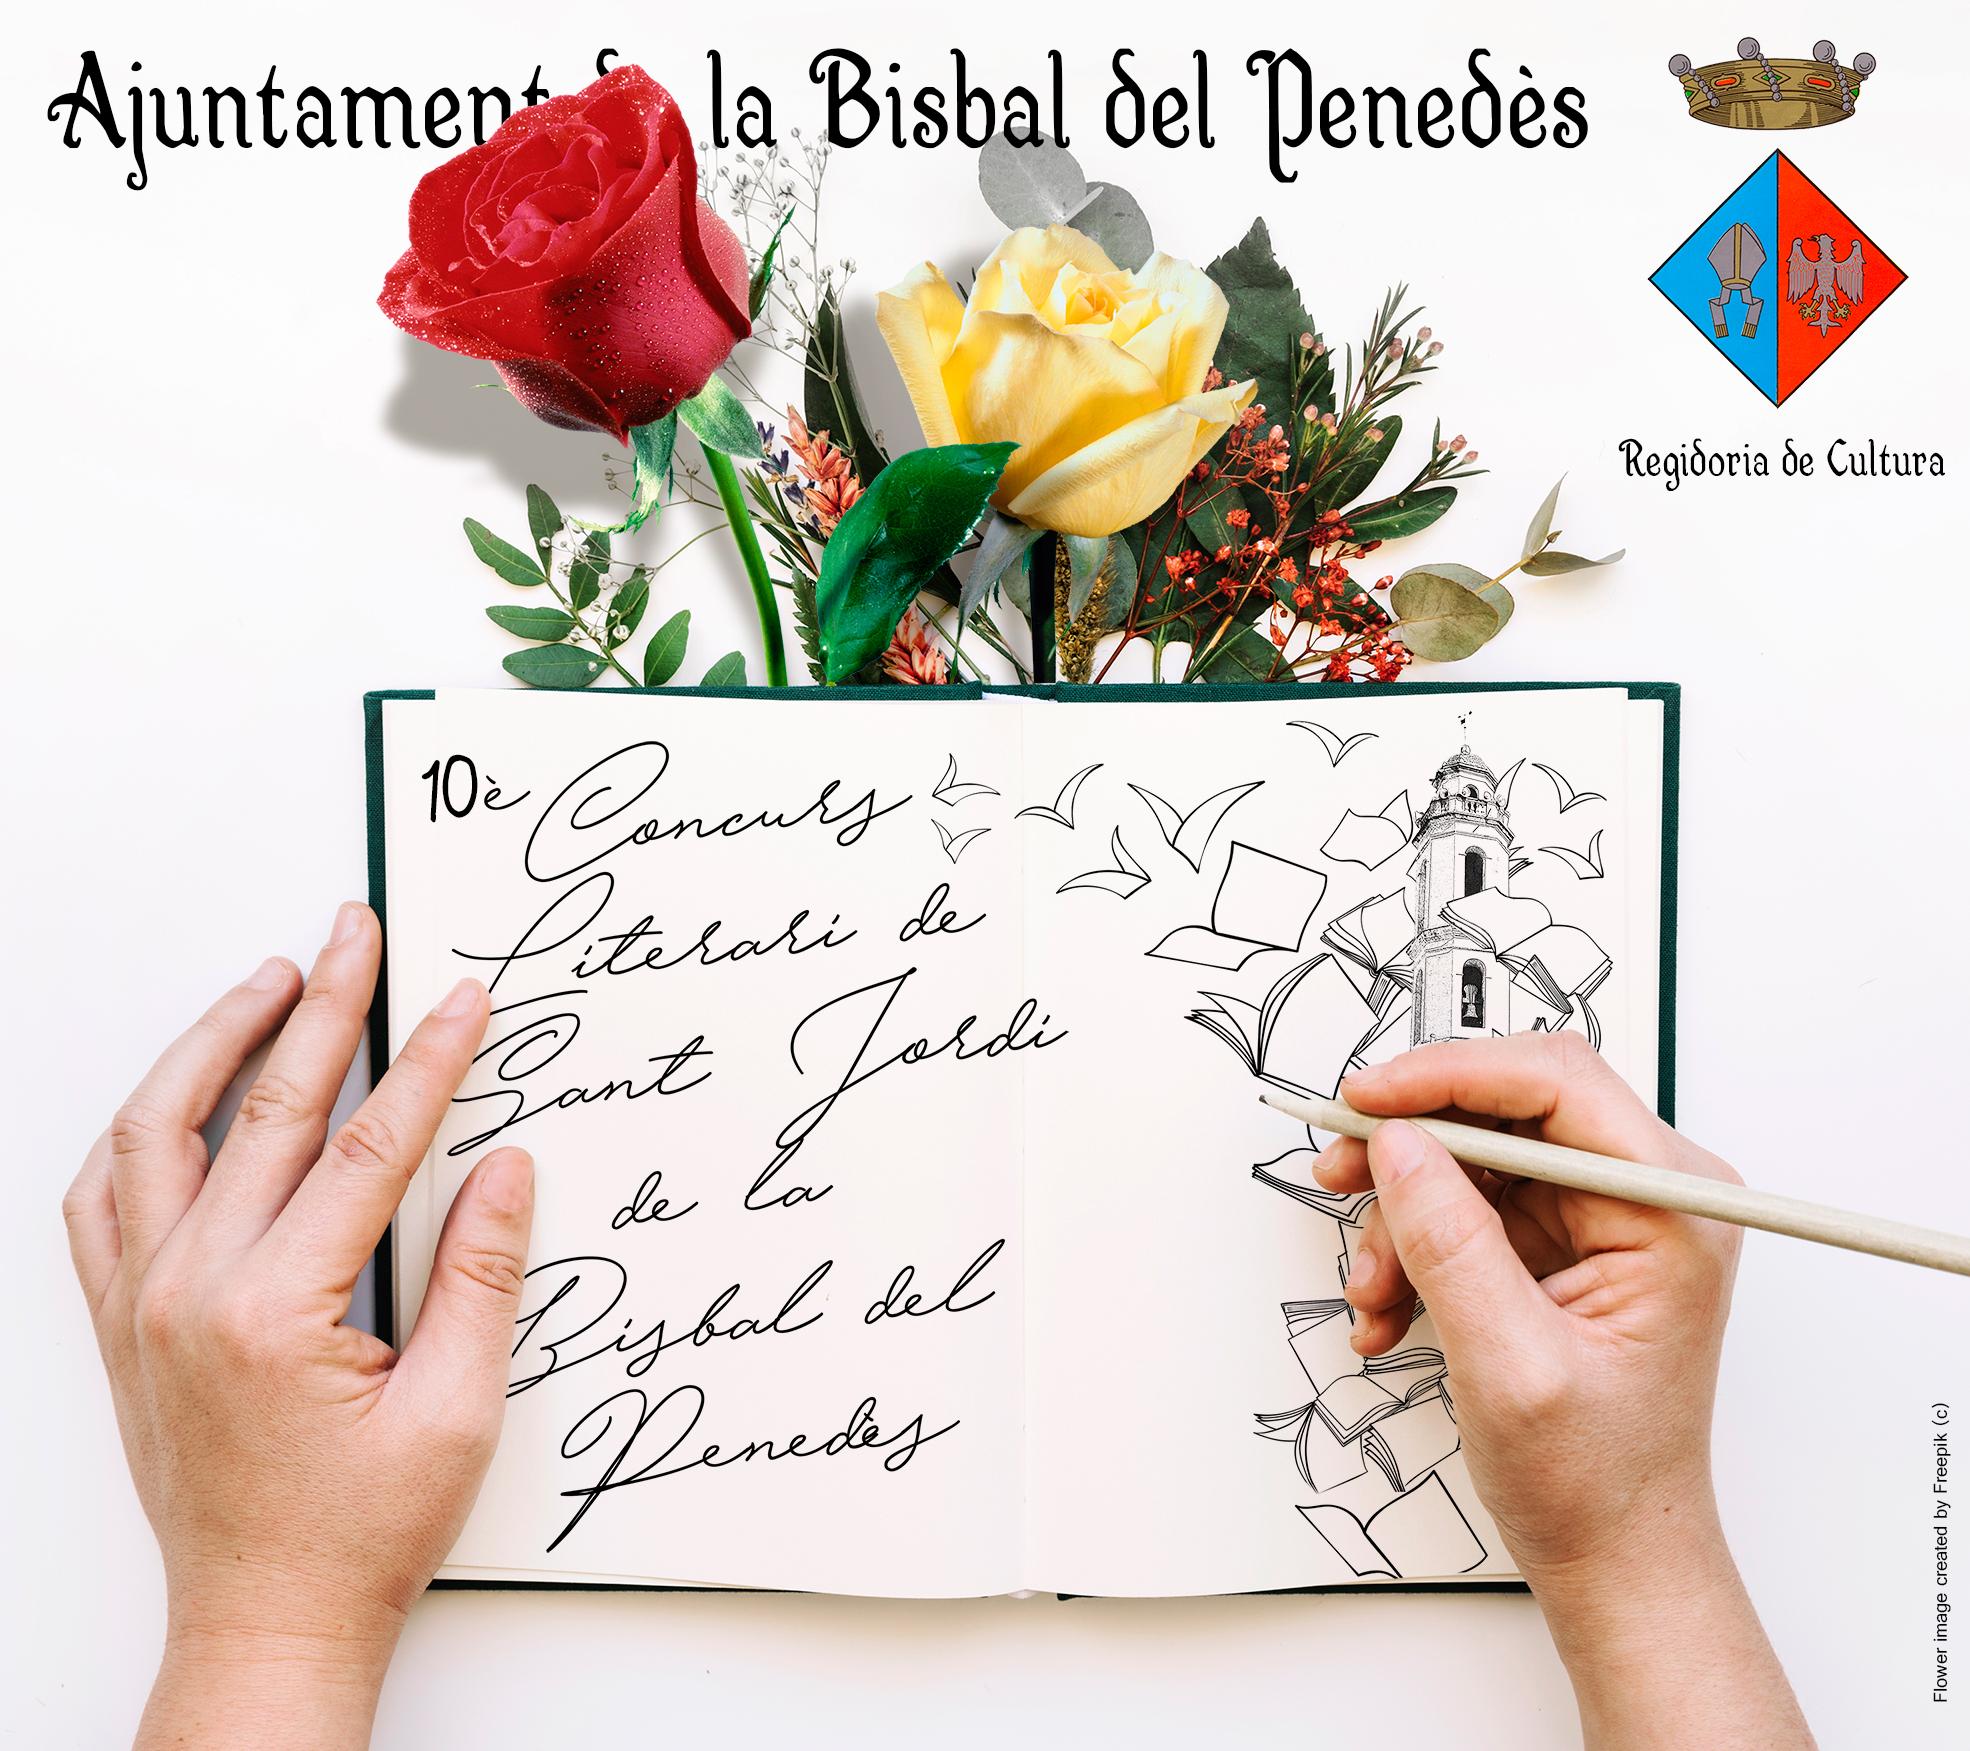 S'obre la convocatòria per presentar treballs a la 10a edició del Concurs Literari de Sant Jordi de la Bisbal